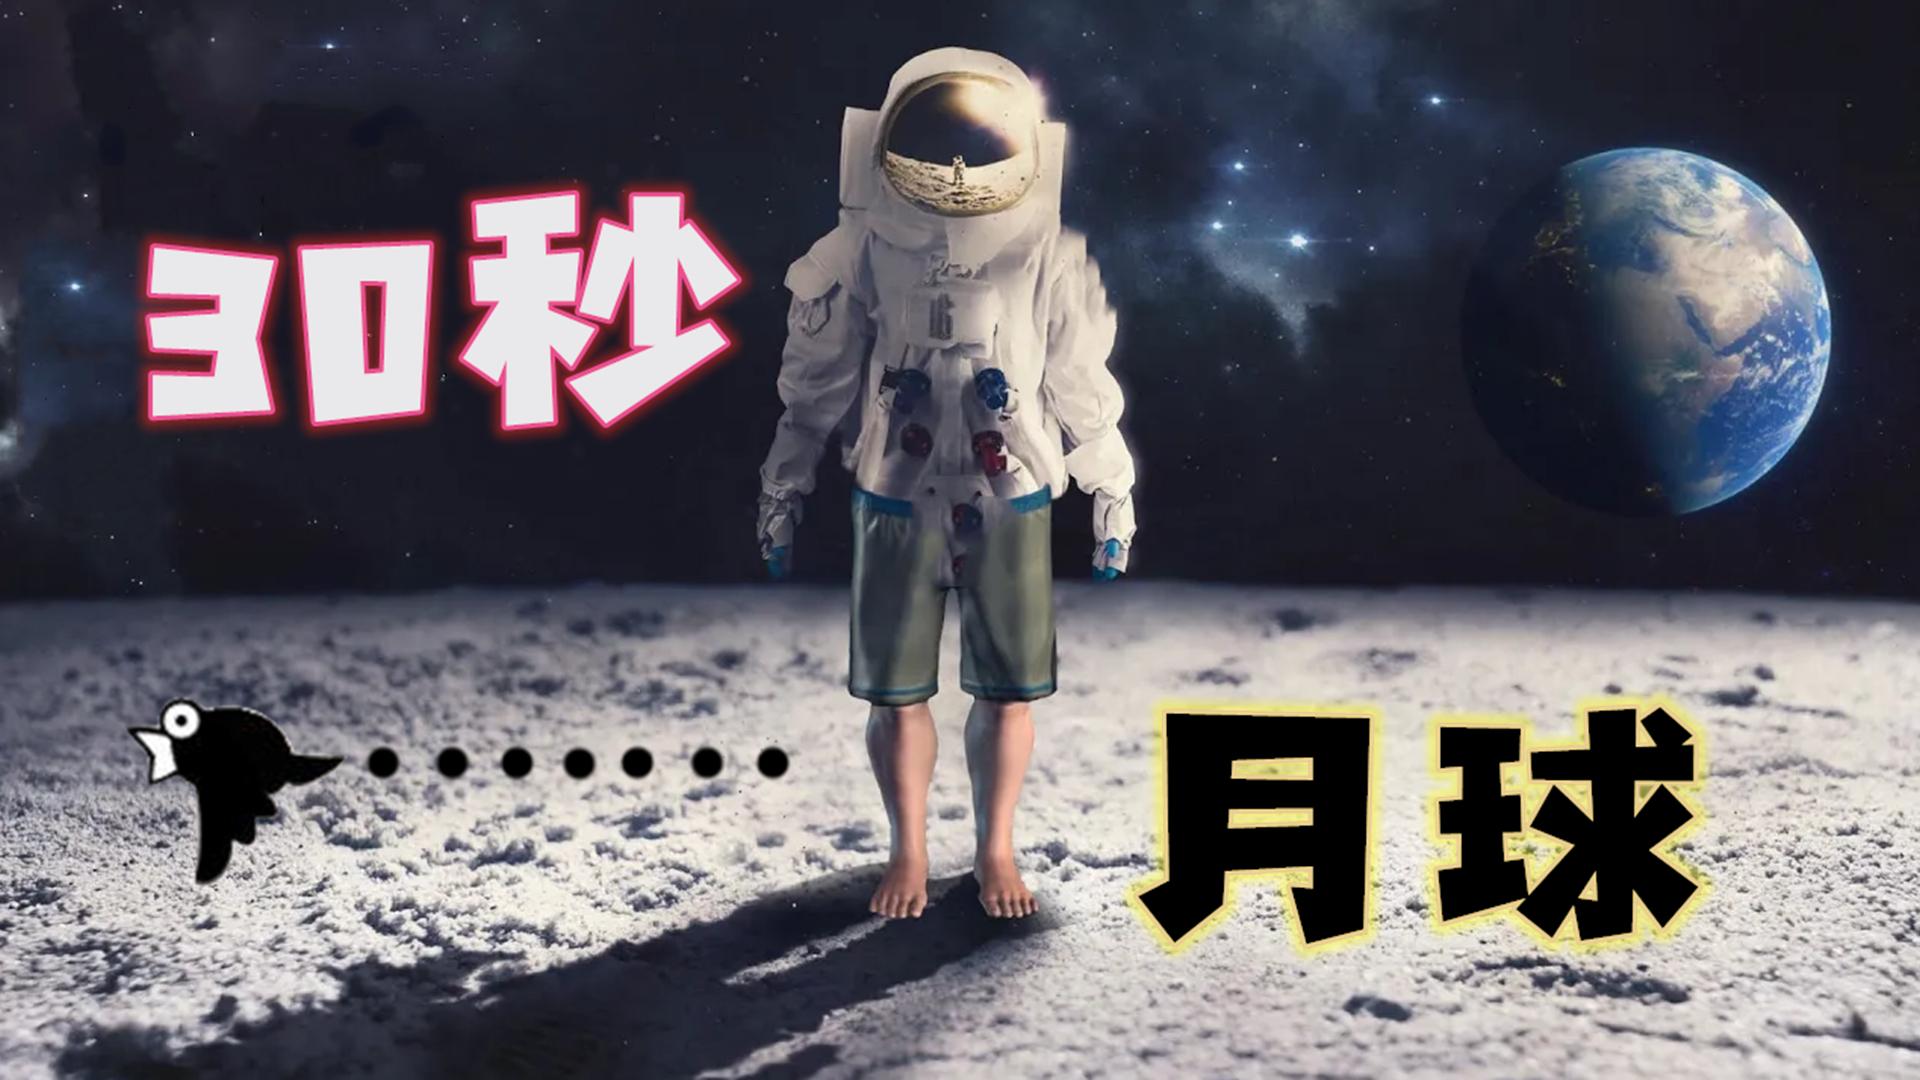 如果在不穿宇航服的情况下在月球上暴露30秒会怎么样?胳膊会膨胀